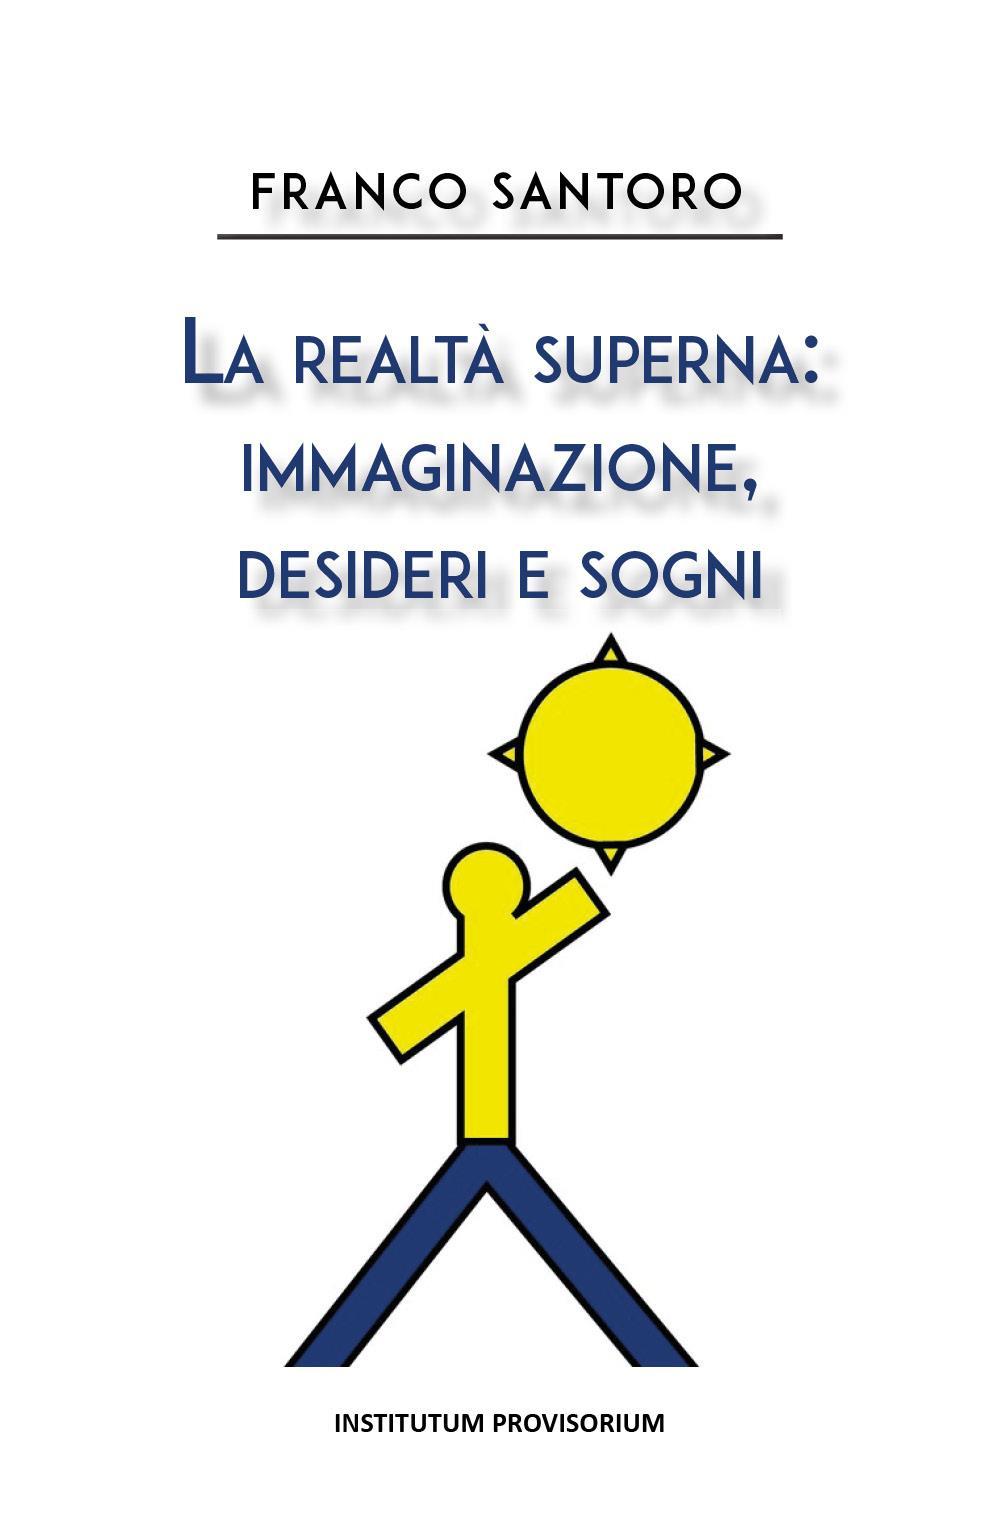 La realtà superna: immaginazione, desideri e sogni